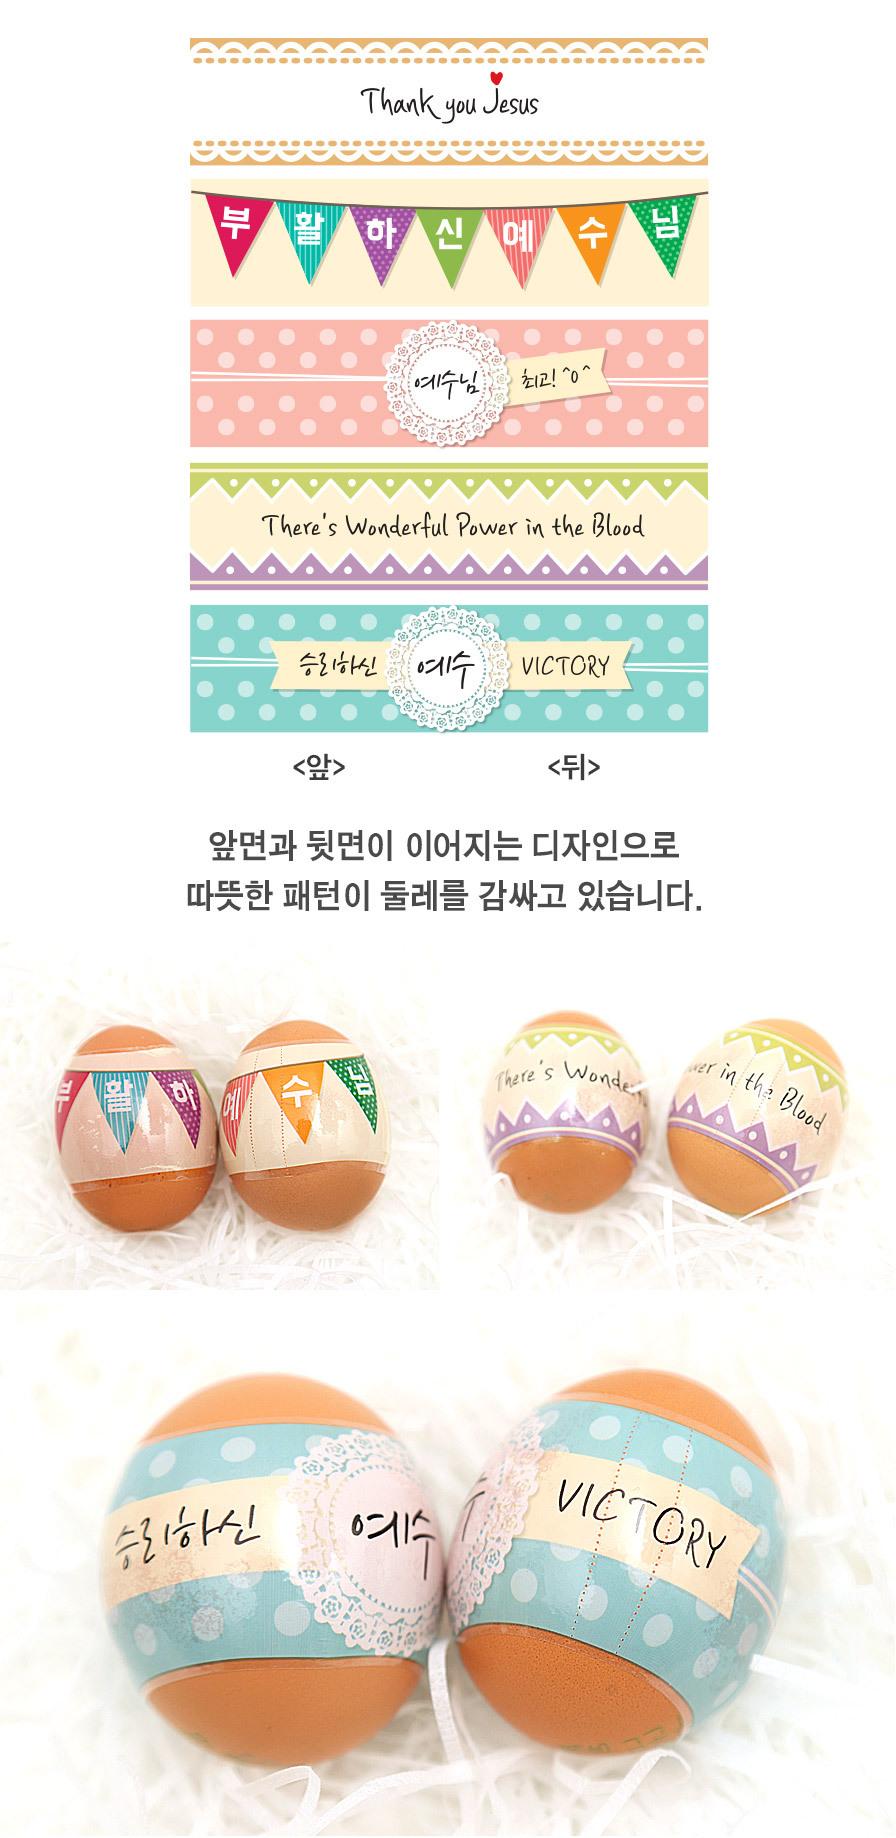 부활절 교회 달걀꾸미기 포장용 수축필름 수축지 A 상세보기